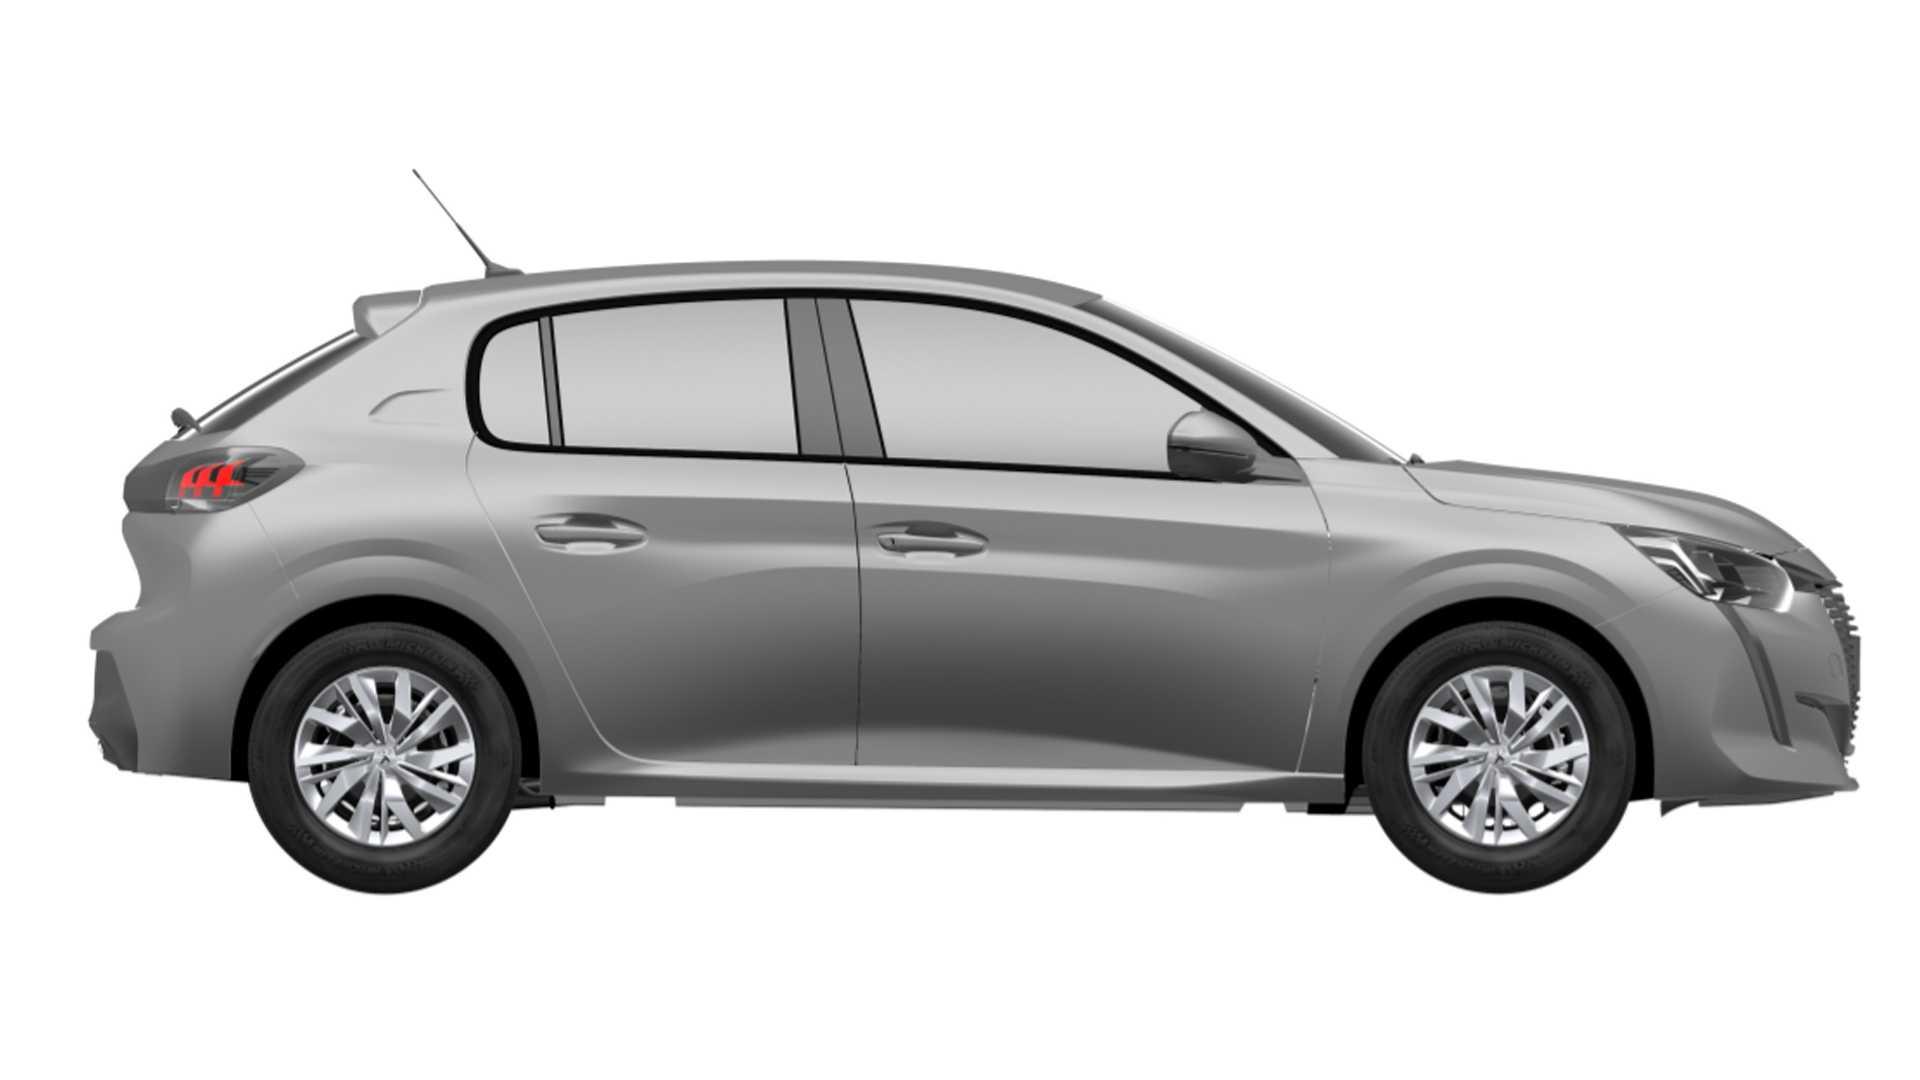 Nuevo Peugeot 208 versión básica